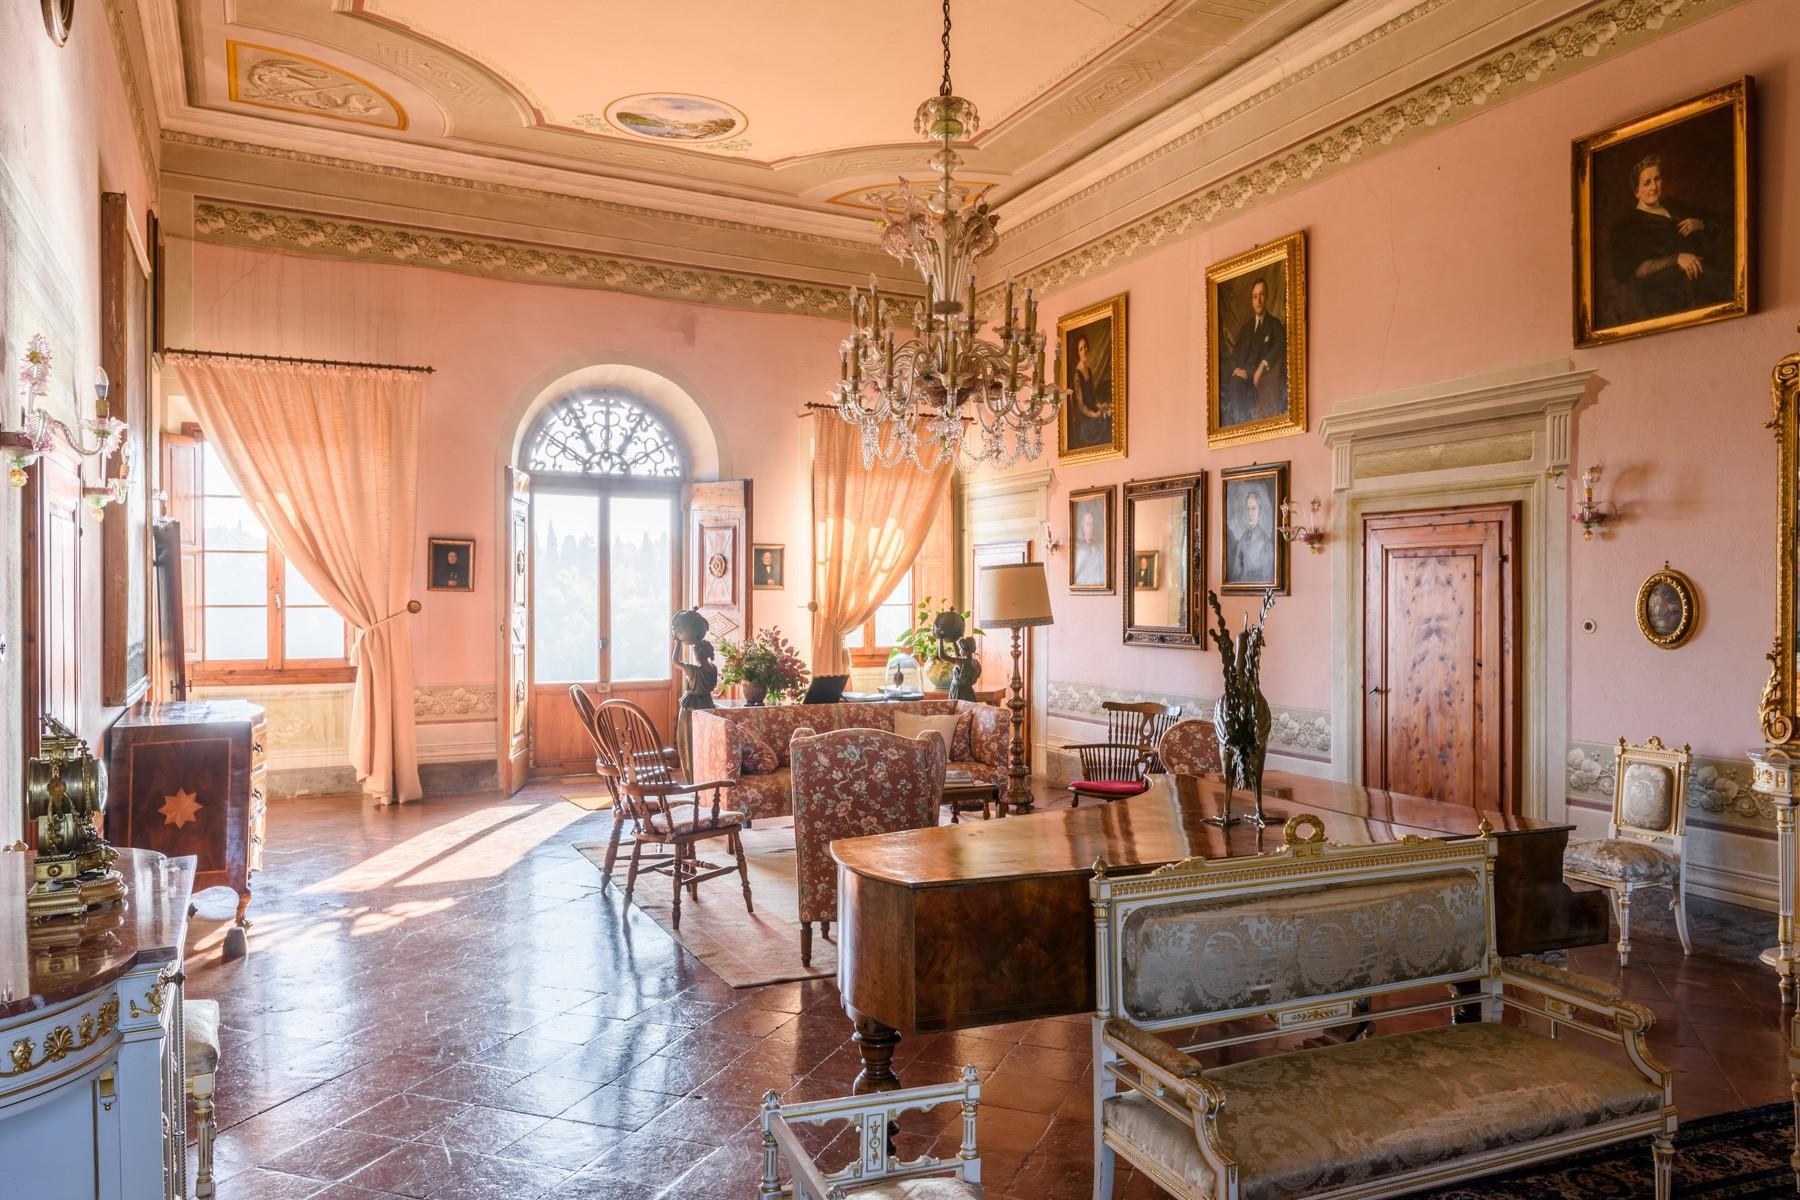 Magnifique villa historique et réserve de chasse près de Florence - 6